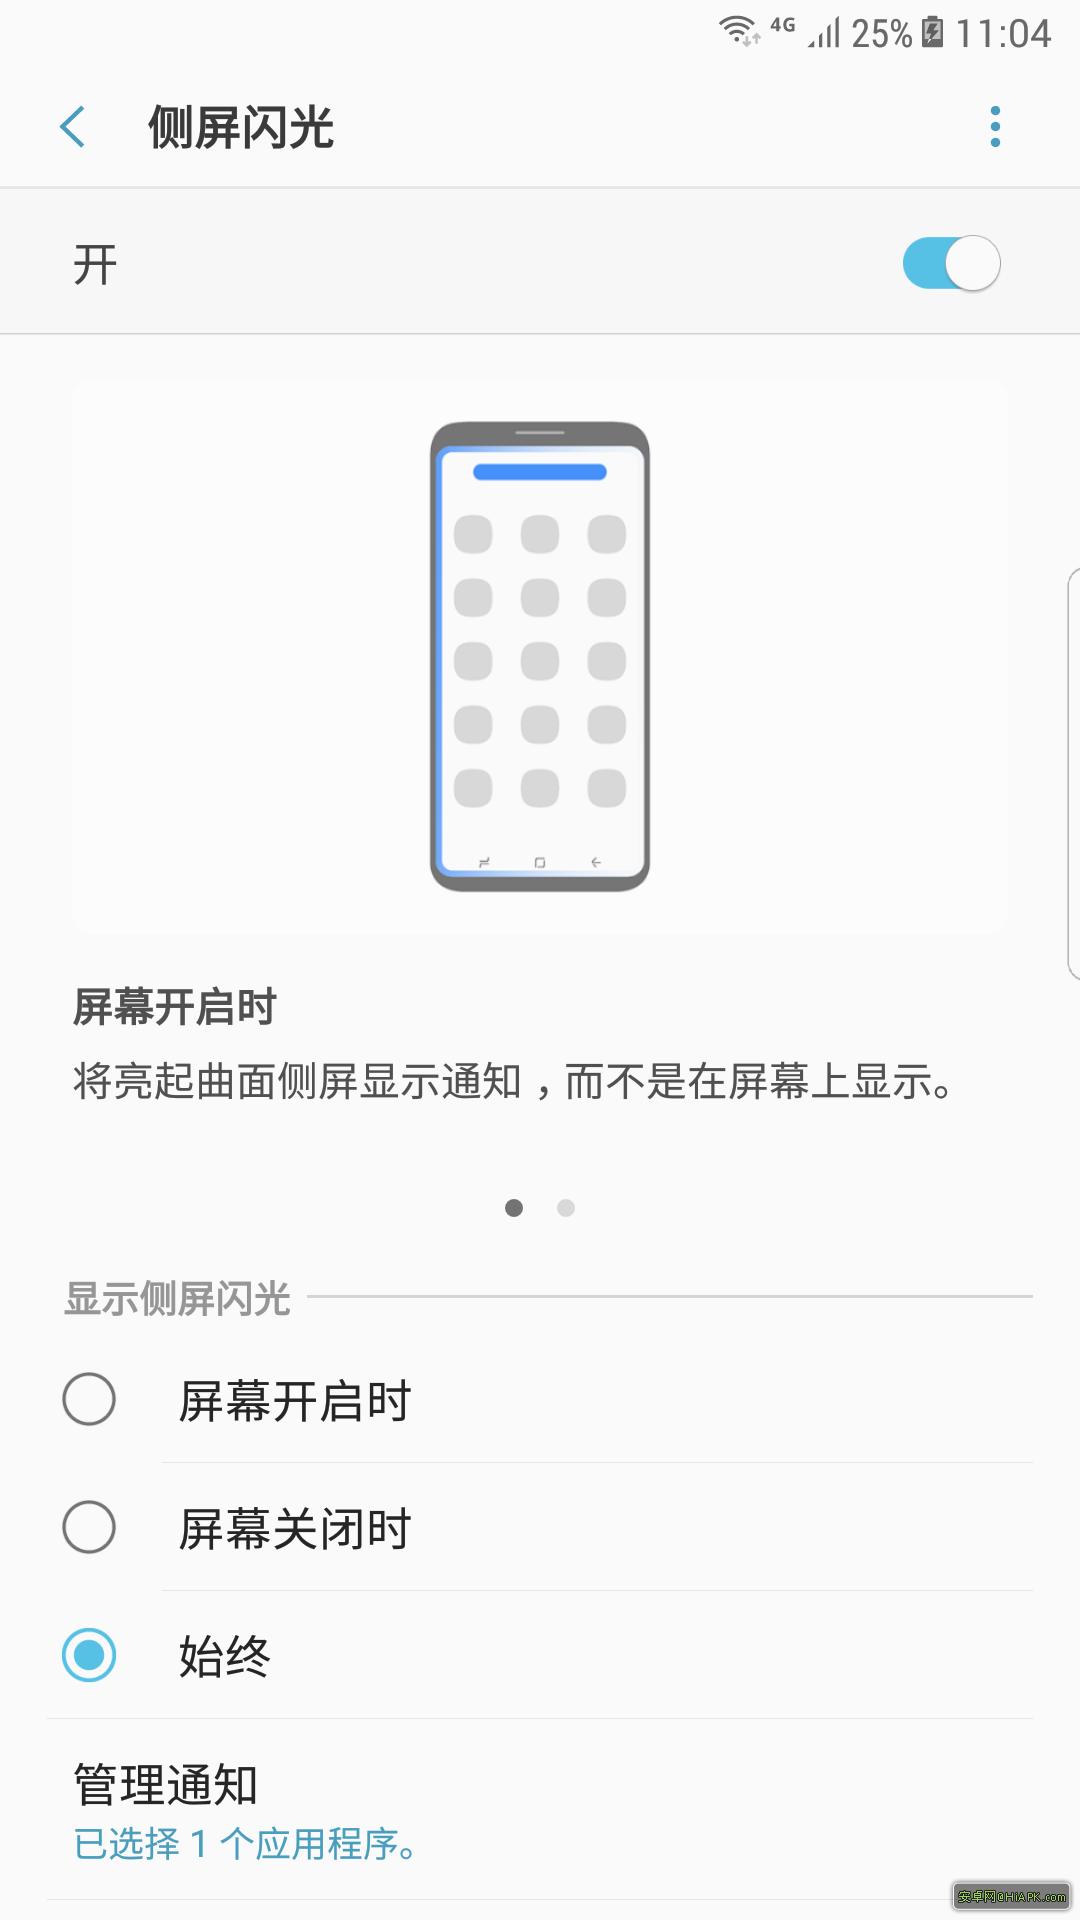 三星S6 edge+ G9280 Android 7.0固件 v2.0 刷机包下载插图(3)